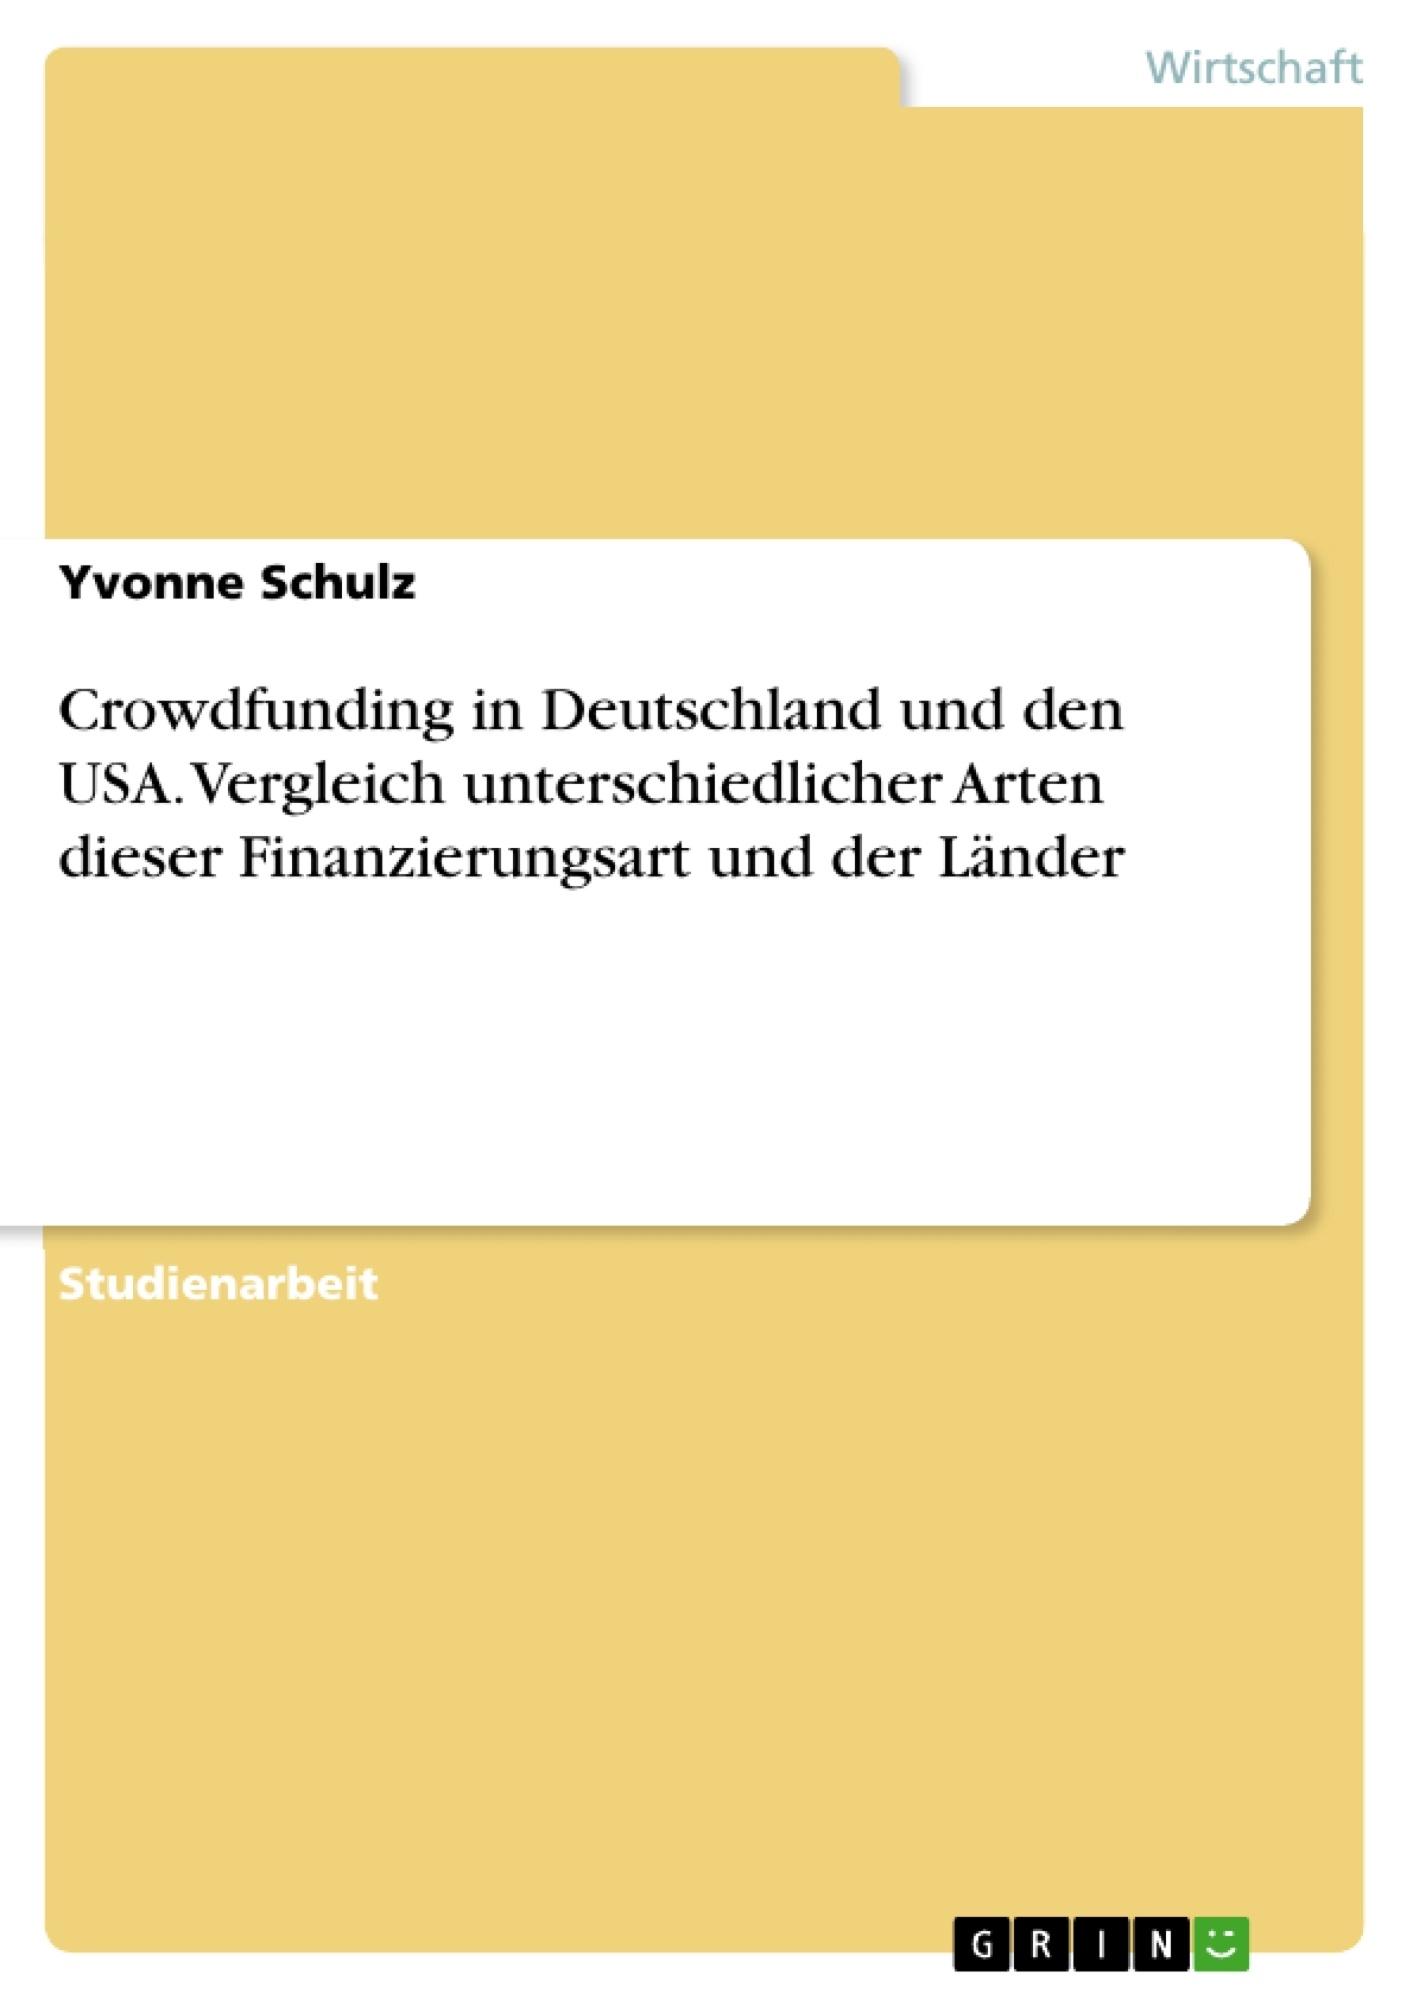 Titel: Crowdfunding in Deutschland und den USA. Vergleich unterschiedlicher Arten dieser Finanzierungsart und der Länder